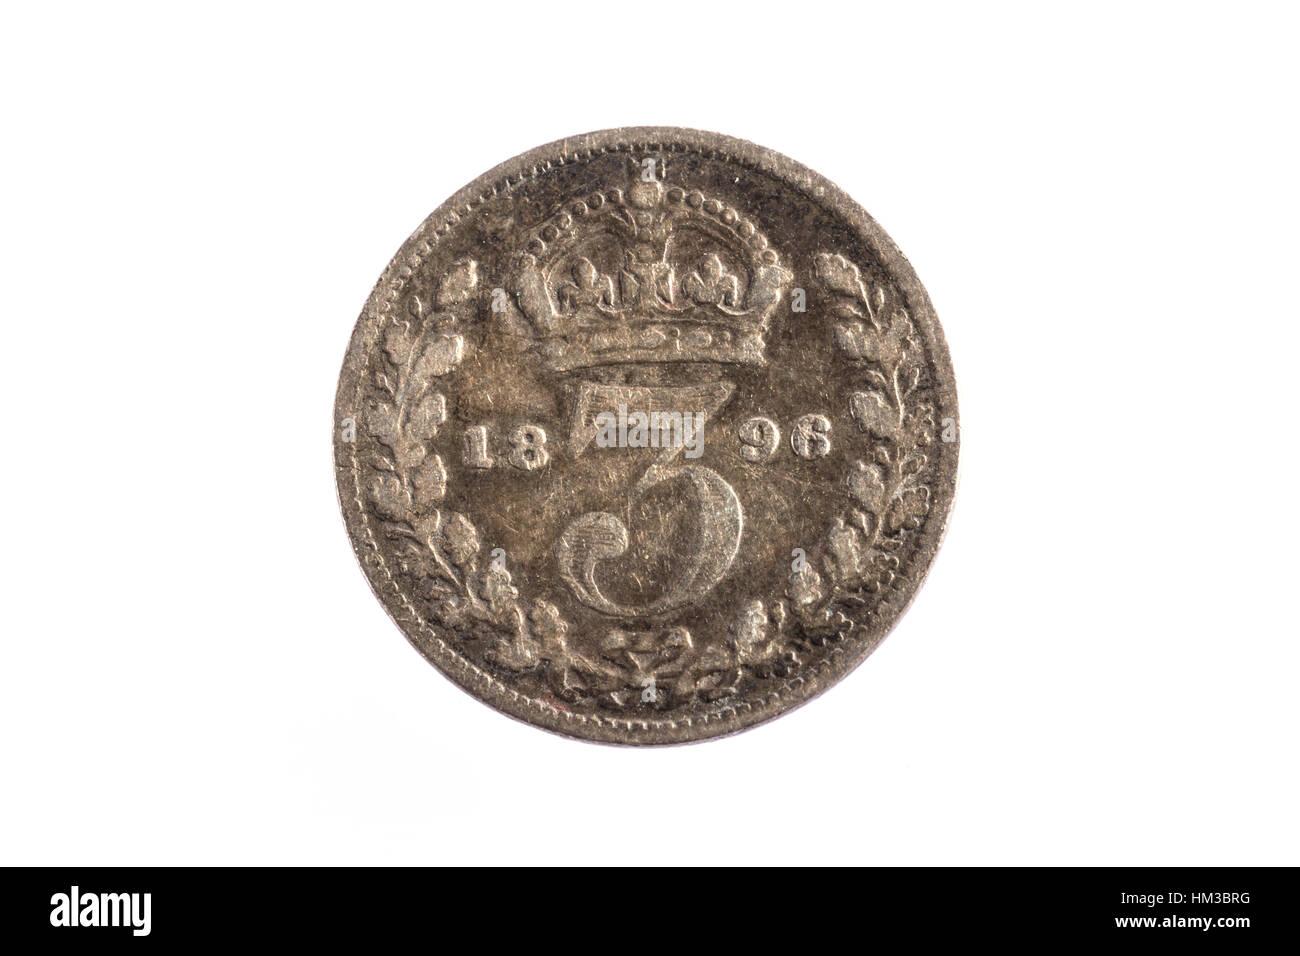 1898 Una moneda de 3 céntimo imperial Imagen De Stock